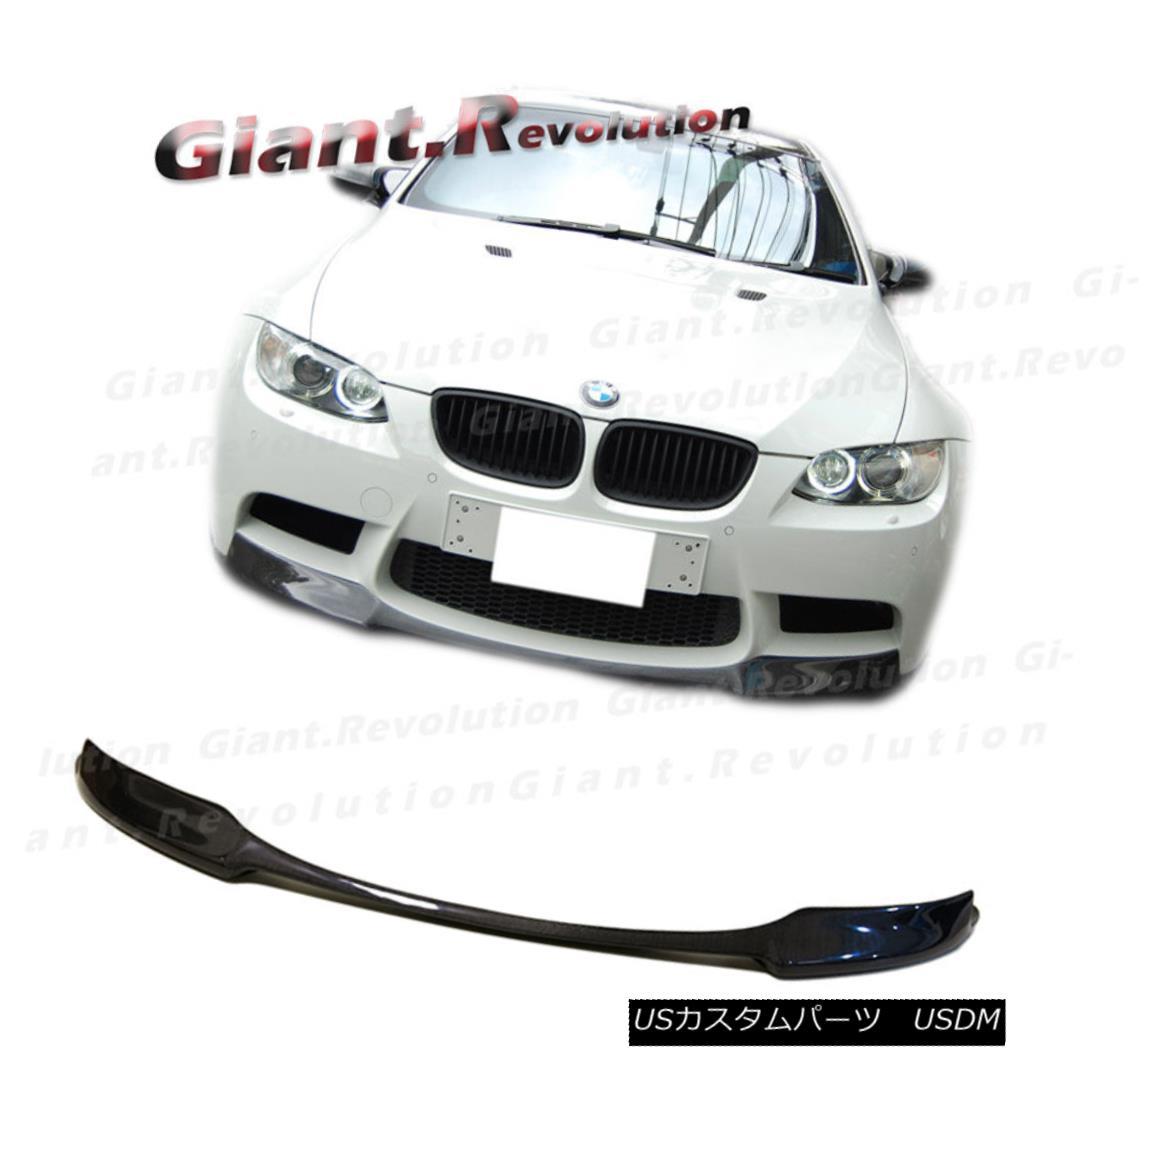 エアロパーツ Carbon Fiber V Style Front Extended Tail Lip For BMW 08-13 E90 E92 E93 M3 Bumper カーボンファイバーVスタイルフロントテールリップBMW用08-13 E90 E92 E93 M3バンパー